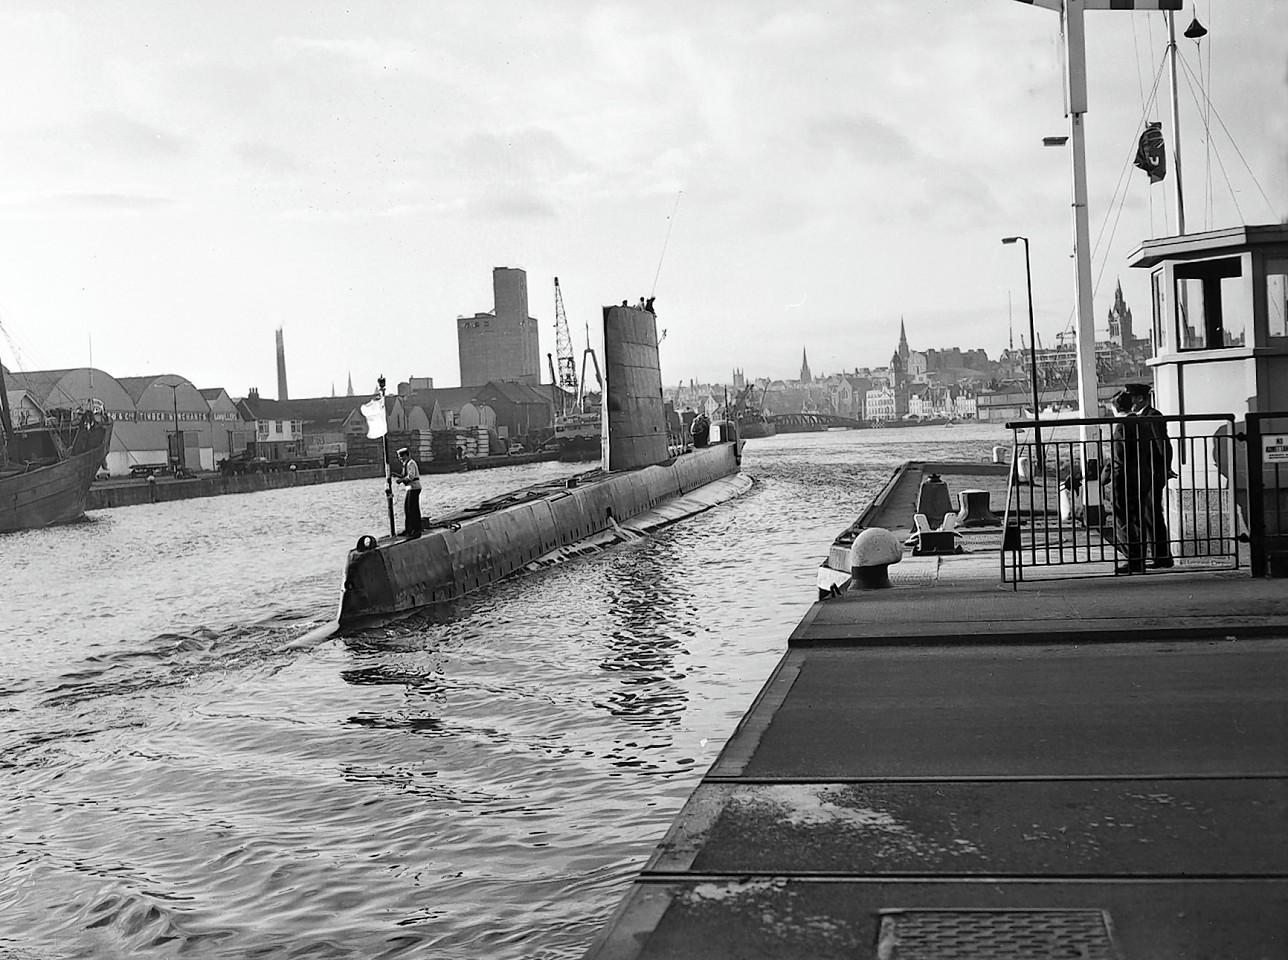 The submarine HMS Finwhale